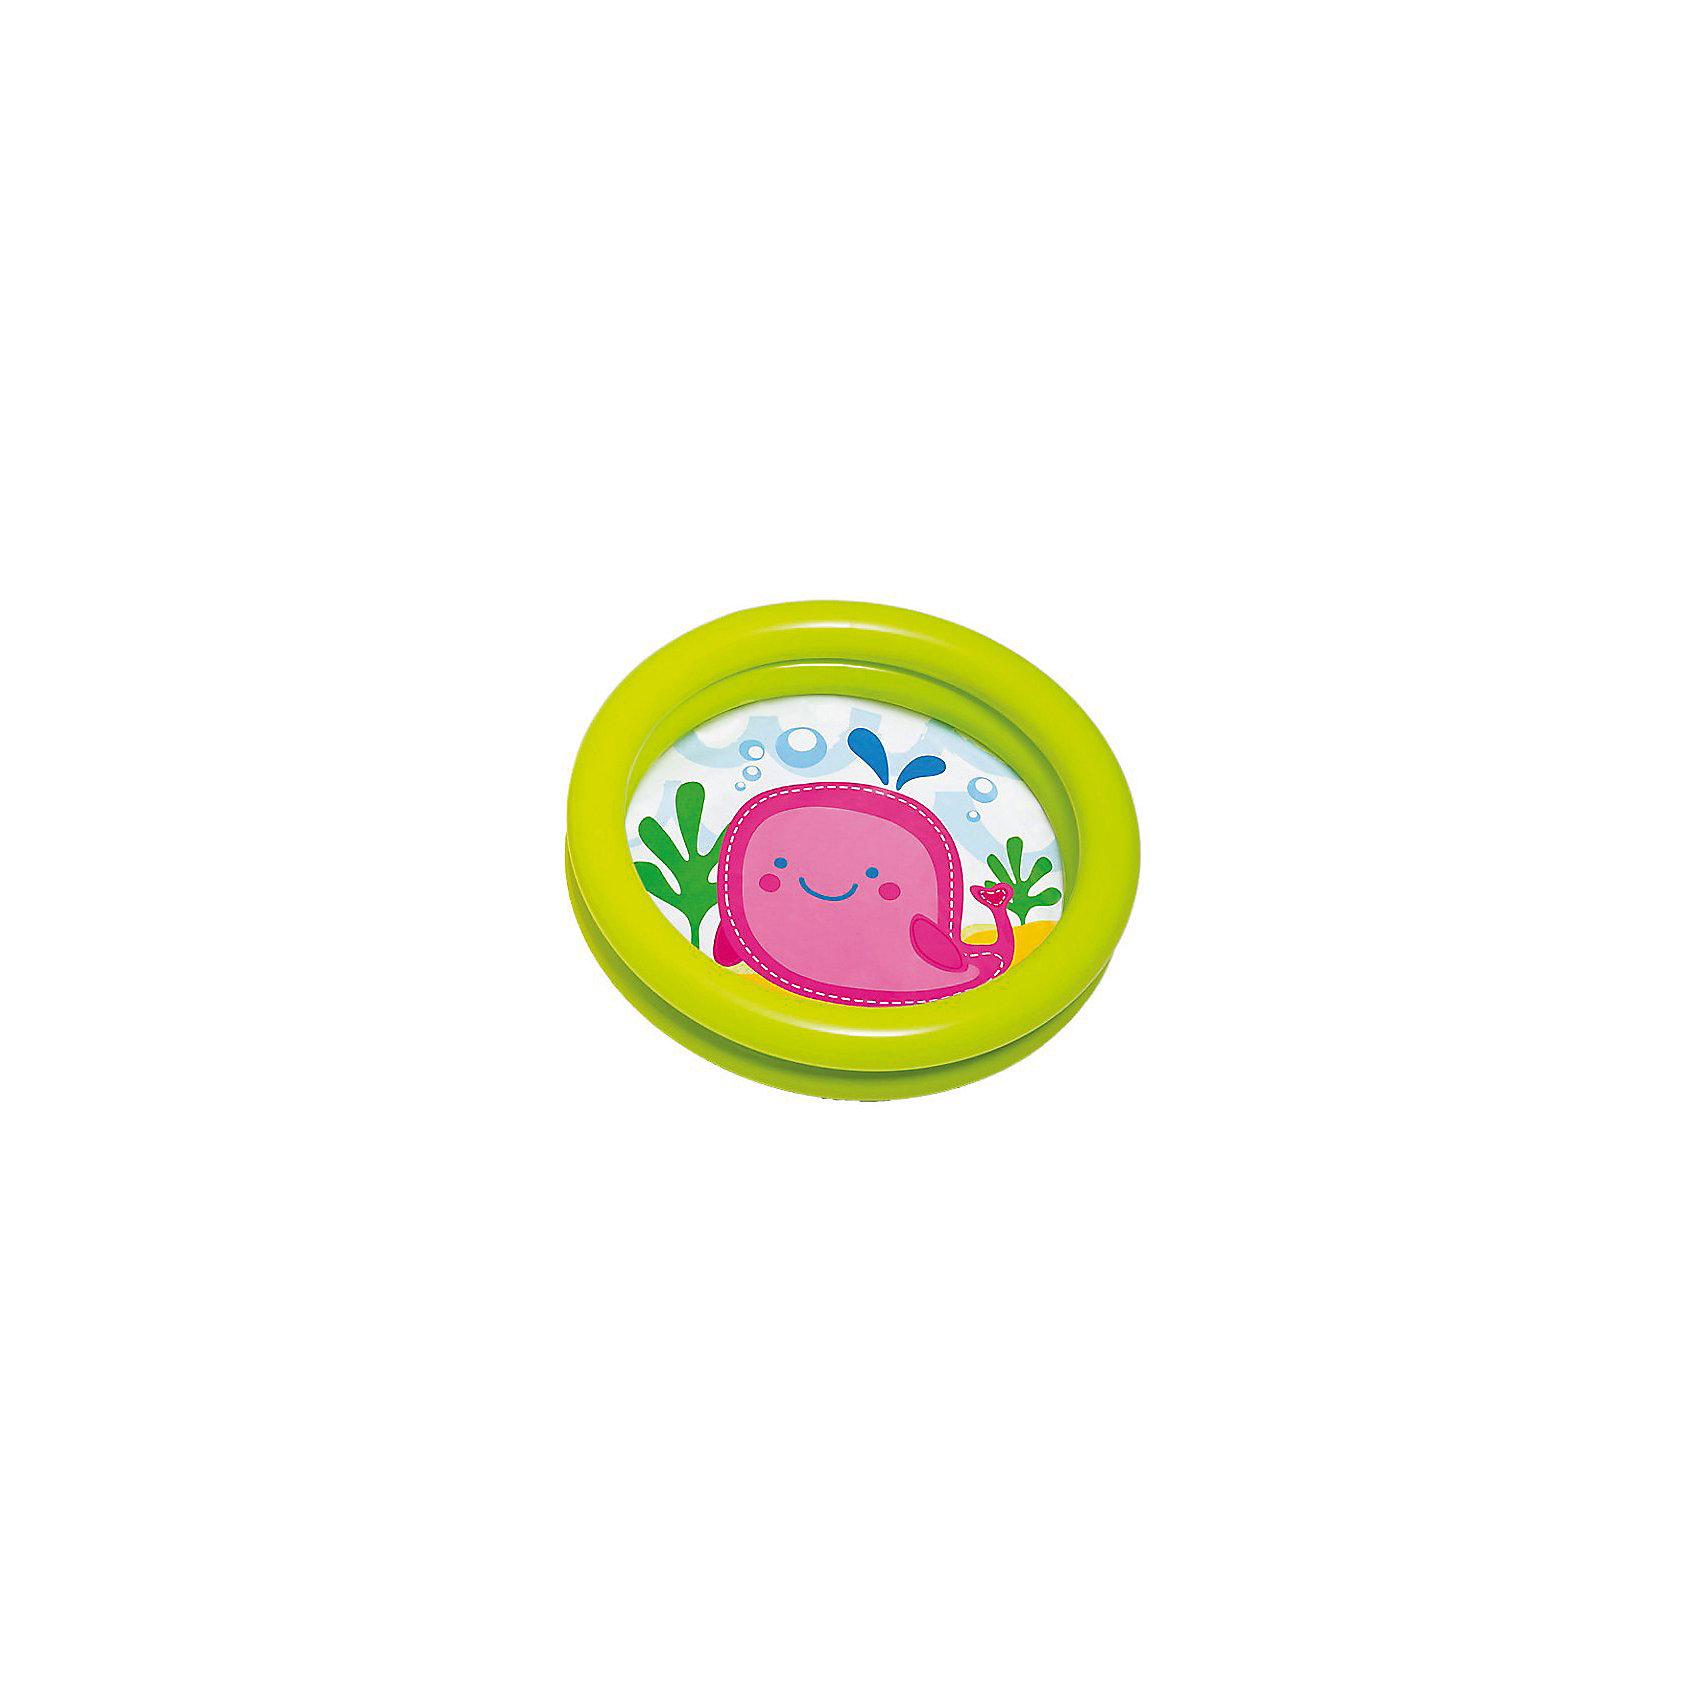 Детский надувной бассейн Кит, зеленый, IntexБассейны<br>Детский надувной бассейн Кит, зеленый, Intex (Интекс).<br><br>Характеристики:<br><br>• В комплекте: детский надувной бассейн, ремкоплект<br>• Размер бассейна: 61x15 см.<br>• Объем: 15 литров при наполнении на 80 %<br>• Материал: винил 0,2 мм.<br>• Ненадувное дно<br>• Цвет: зеленый<br>• Вес в упаковке: 0,27 кг.<br><br>Детский надувной бассейн Кит от Intex (Интекс) предназначен для самых маленьких. Он отлично подойдет в качестве первого бассейна для вашего малыша. При желании бассейн можно использовать как ванночку для купания. Низкие бортики позволят ребенку самостоятельно забраться в бассейн, а картинка на дне сделает водные игры еще интереснее. Бортики бассейна представляют собой две воздушных камеры, которые надуваются независимо друг от друга. Бассейн изготовлен из прочного винила,<br><br>Детский надувной бассейн Кит, зеленый, Intex (Интекс) можно купить в нашем интернет-магазине.<br><br>Ширина мм: 284<br>Глубина мм: 258<br>Высота мм: 40<br>Вес г: 257<br>Возраст от месяцев: 12<br>Возраст до месяцев: 36<br>Пол: Унисекс<br>Возраст: Детский<br>SKU: 5480579